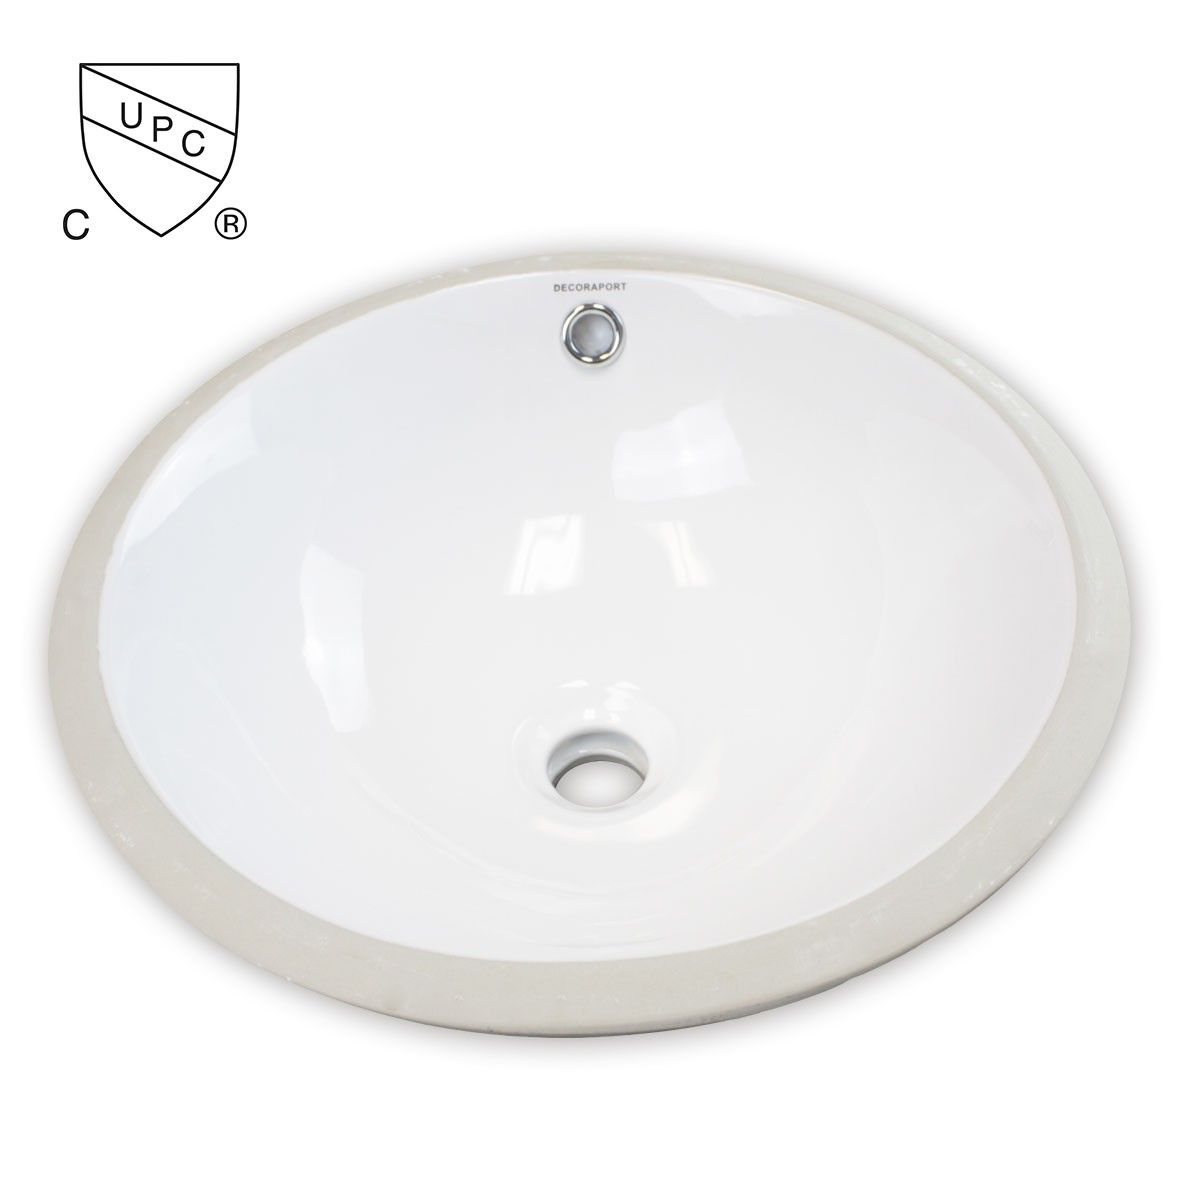 Decoraport Lavabo-Vasque Rond de Dessous de Comptoir en Céramique Blanche (MY-3712)